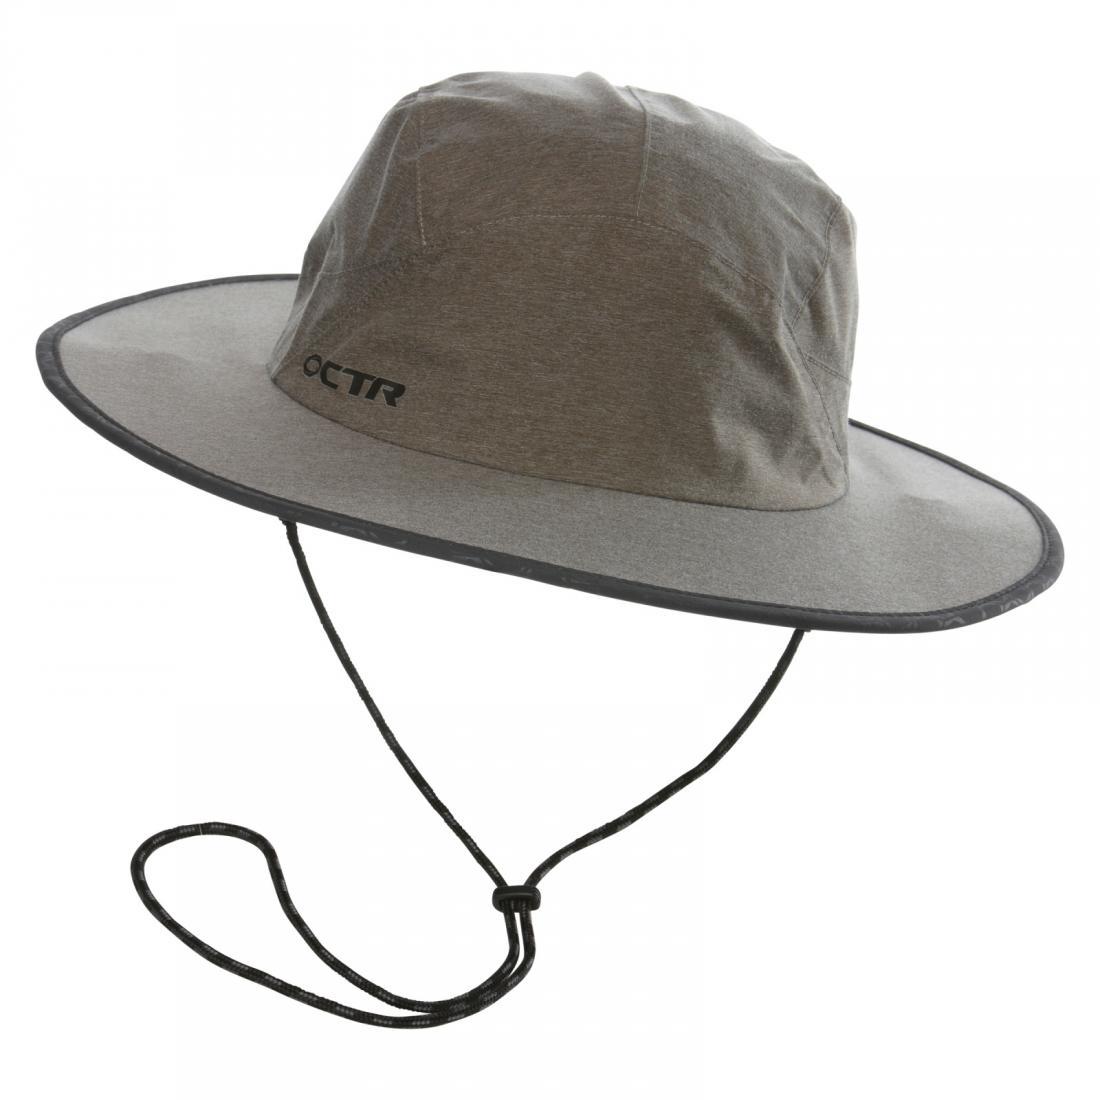 Панама Chaos  Stratus Magneto Rain HatПанамы<br><br> Стильная панама Stratus Magneto Rain Hat от Chaos — универсальный и практичный вариант для любой погоды. Она защитит вас не только от ярких солнечных лучей, но и от дождя. Эта модель выполнена из мягкой и прочной ткани, устойчивой к износу и выцвет...<br><br>Цвет: Коричневый<br>Размер: L-XL